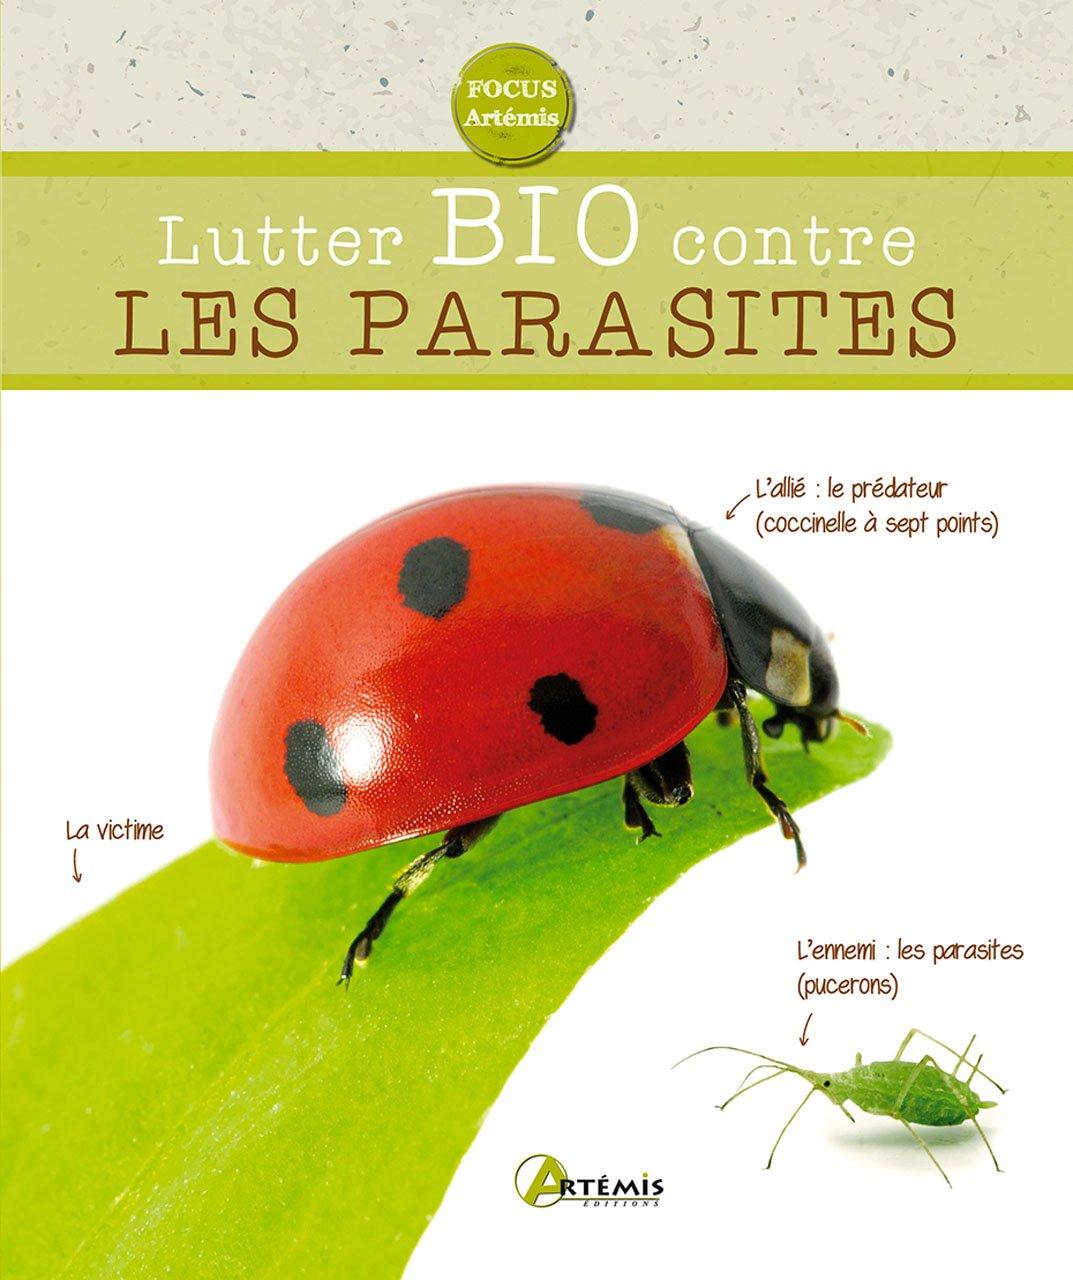 Lutter bio contre les parasites